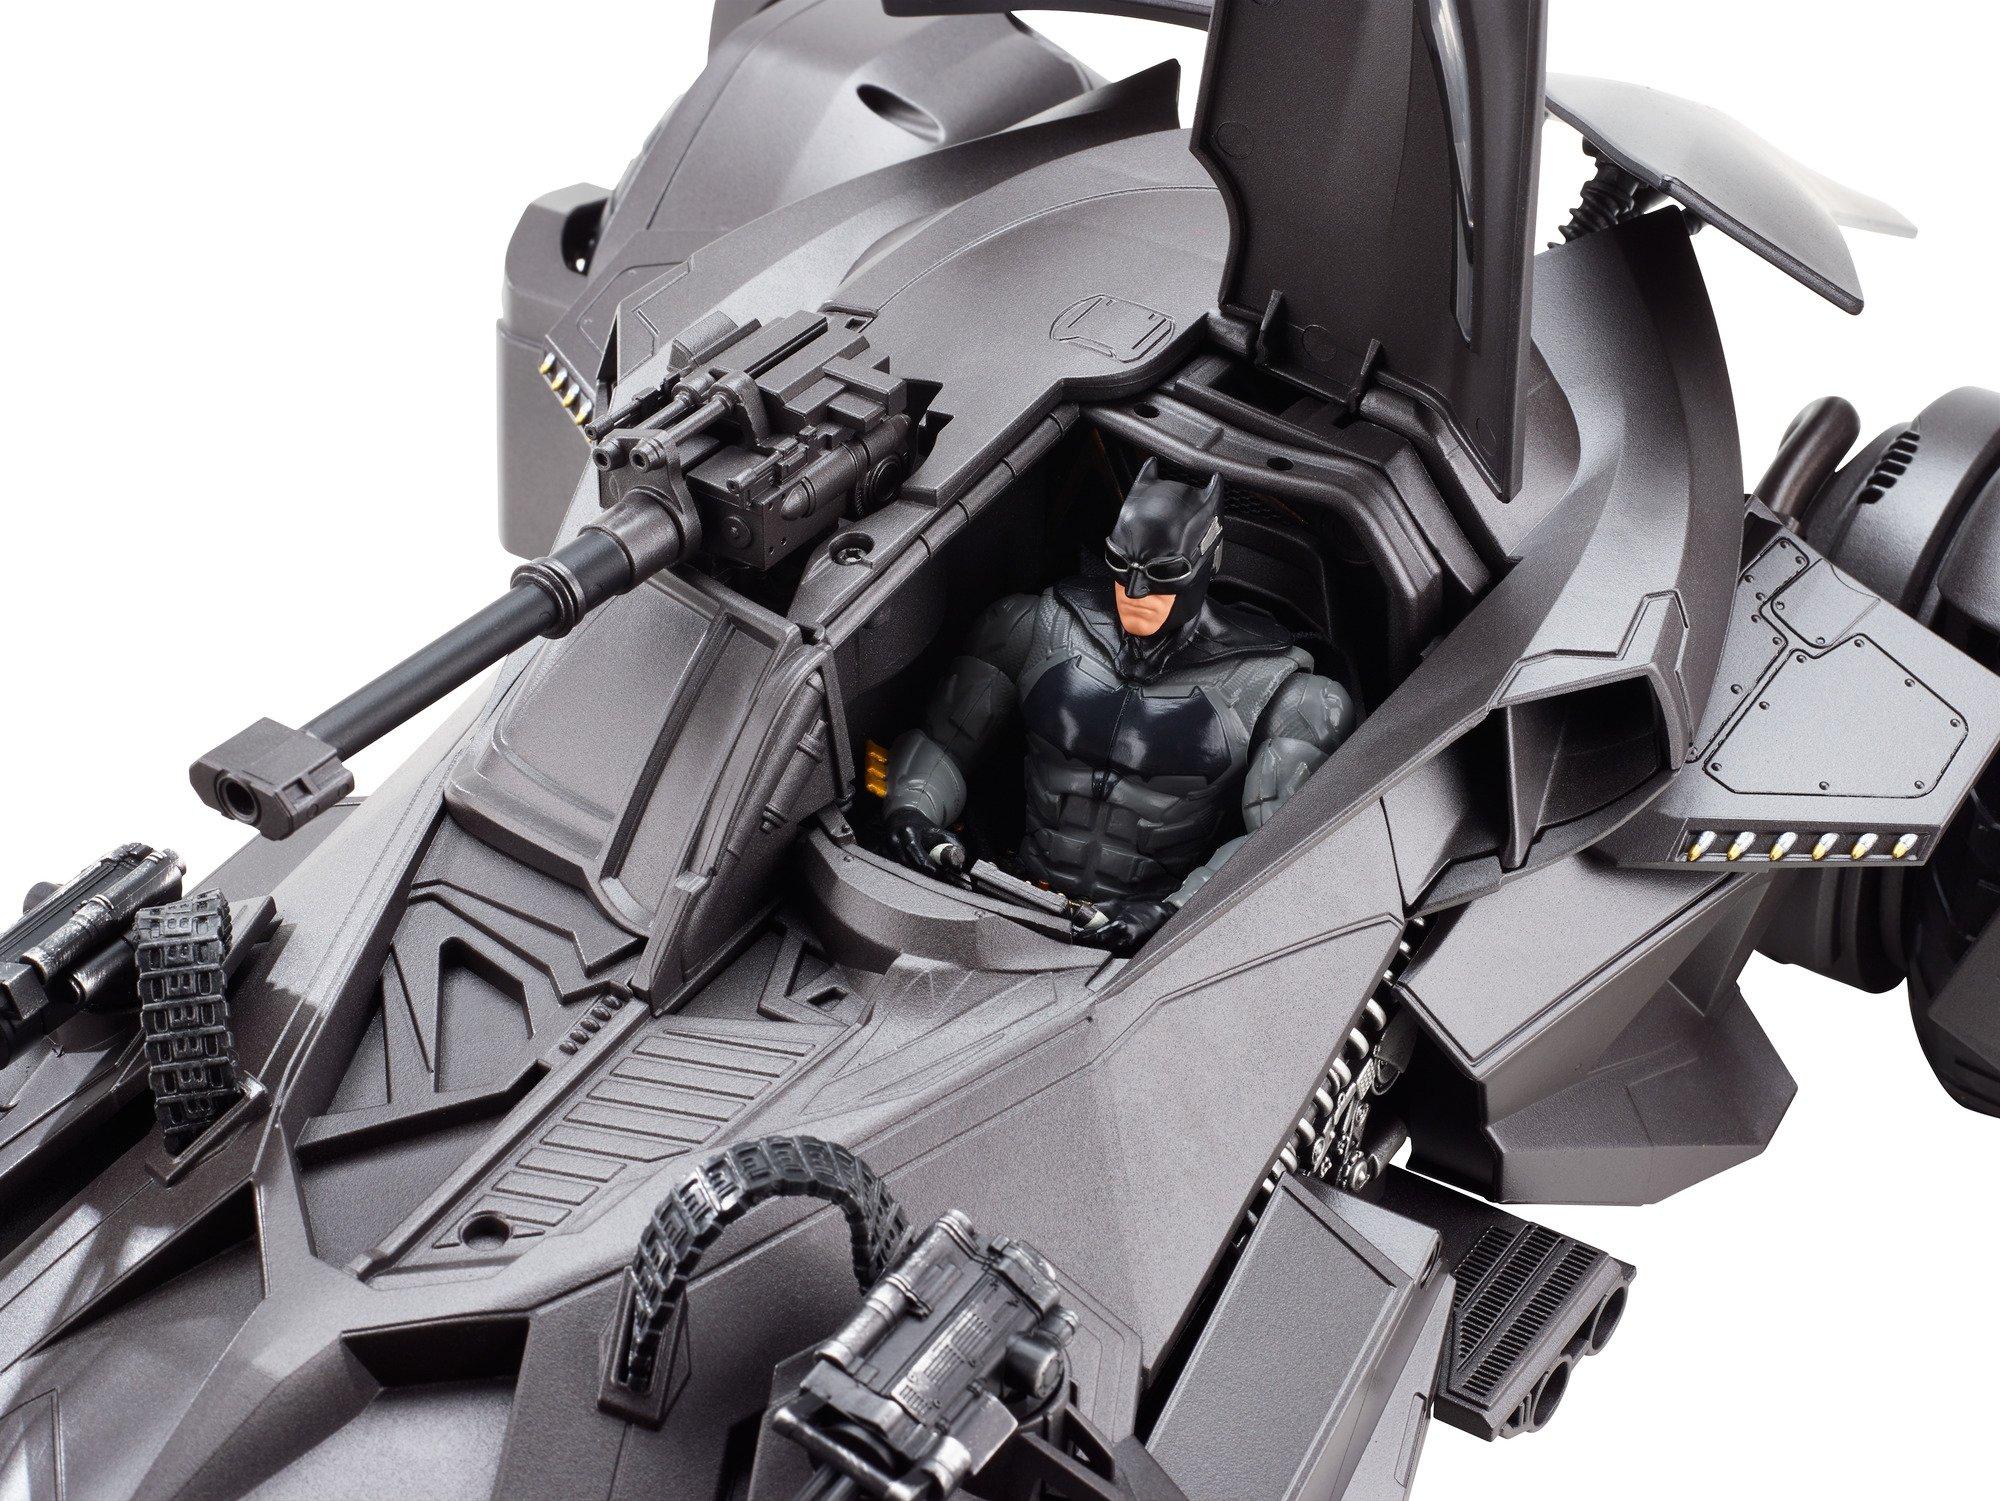 DC Comics Multiverse Justice League Batmobile Vehicle by DC Comics (Image #2)